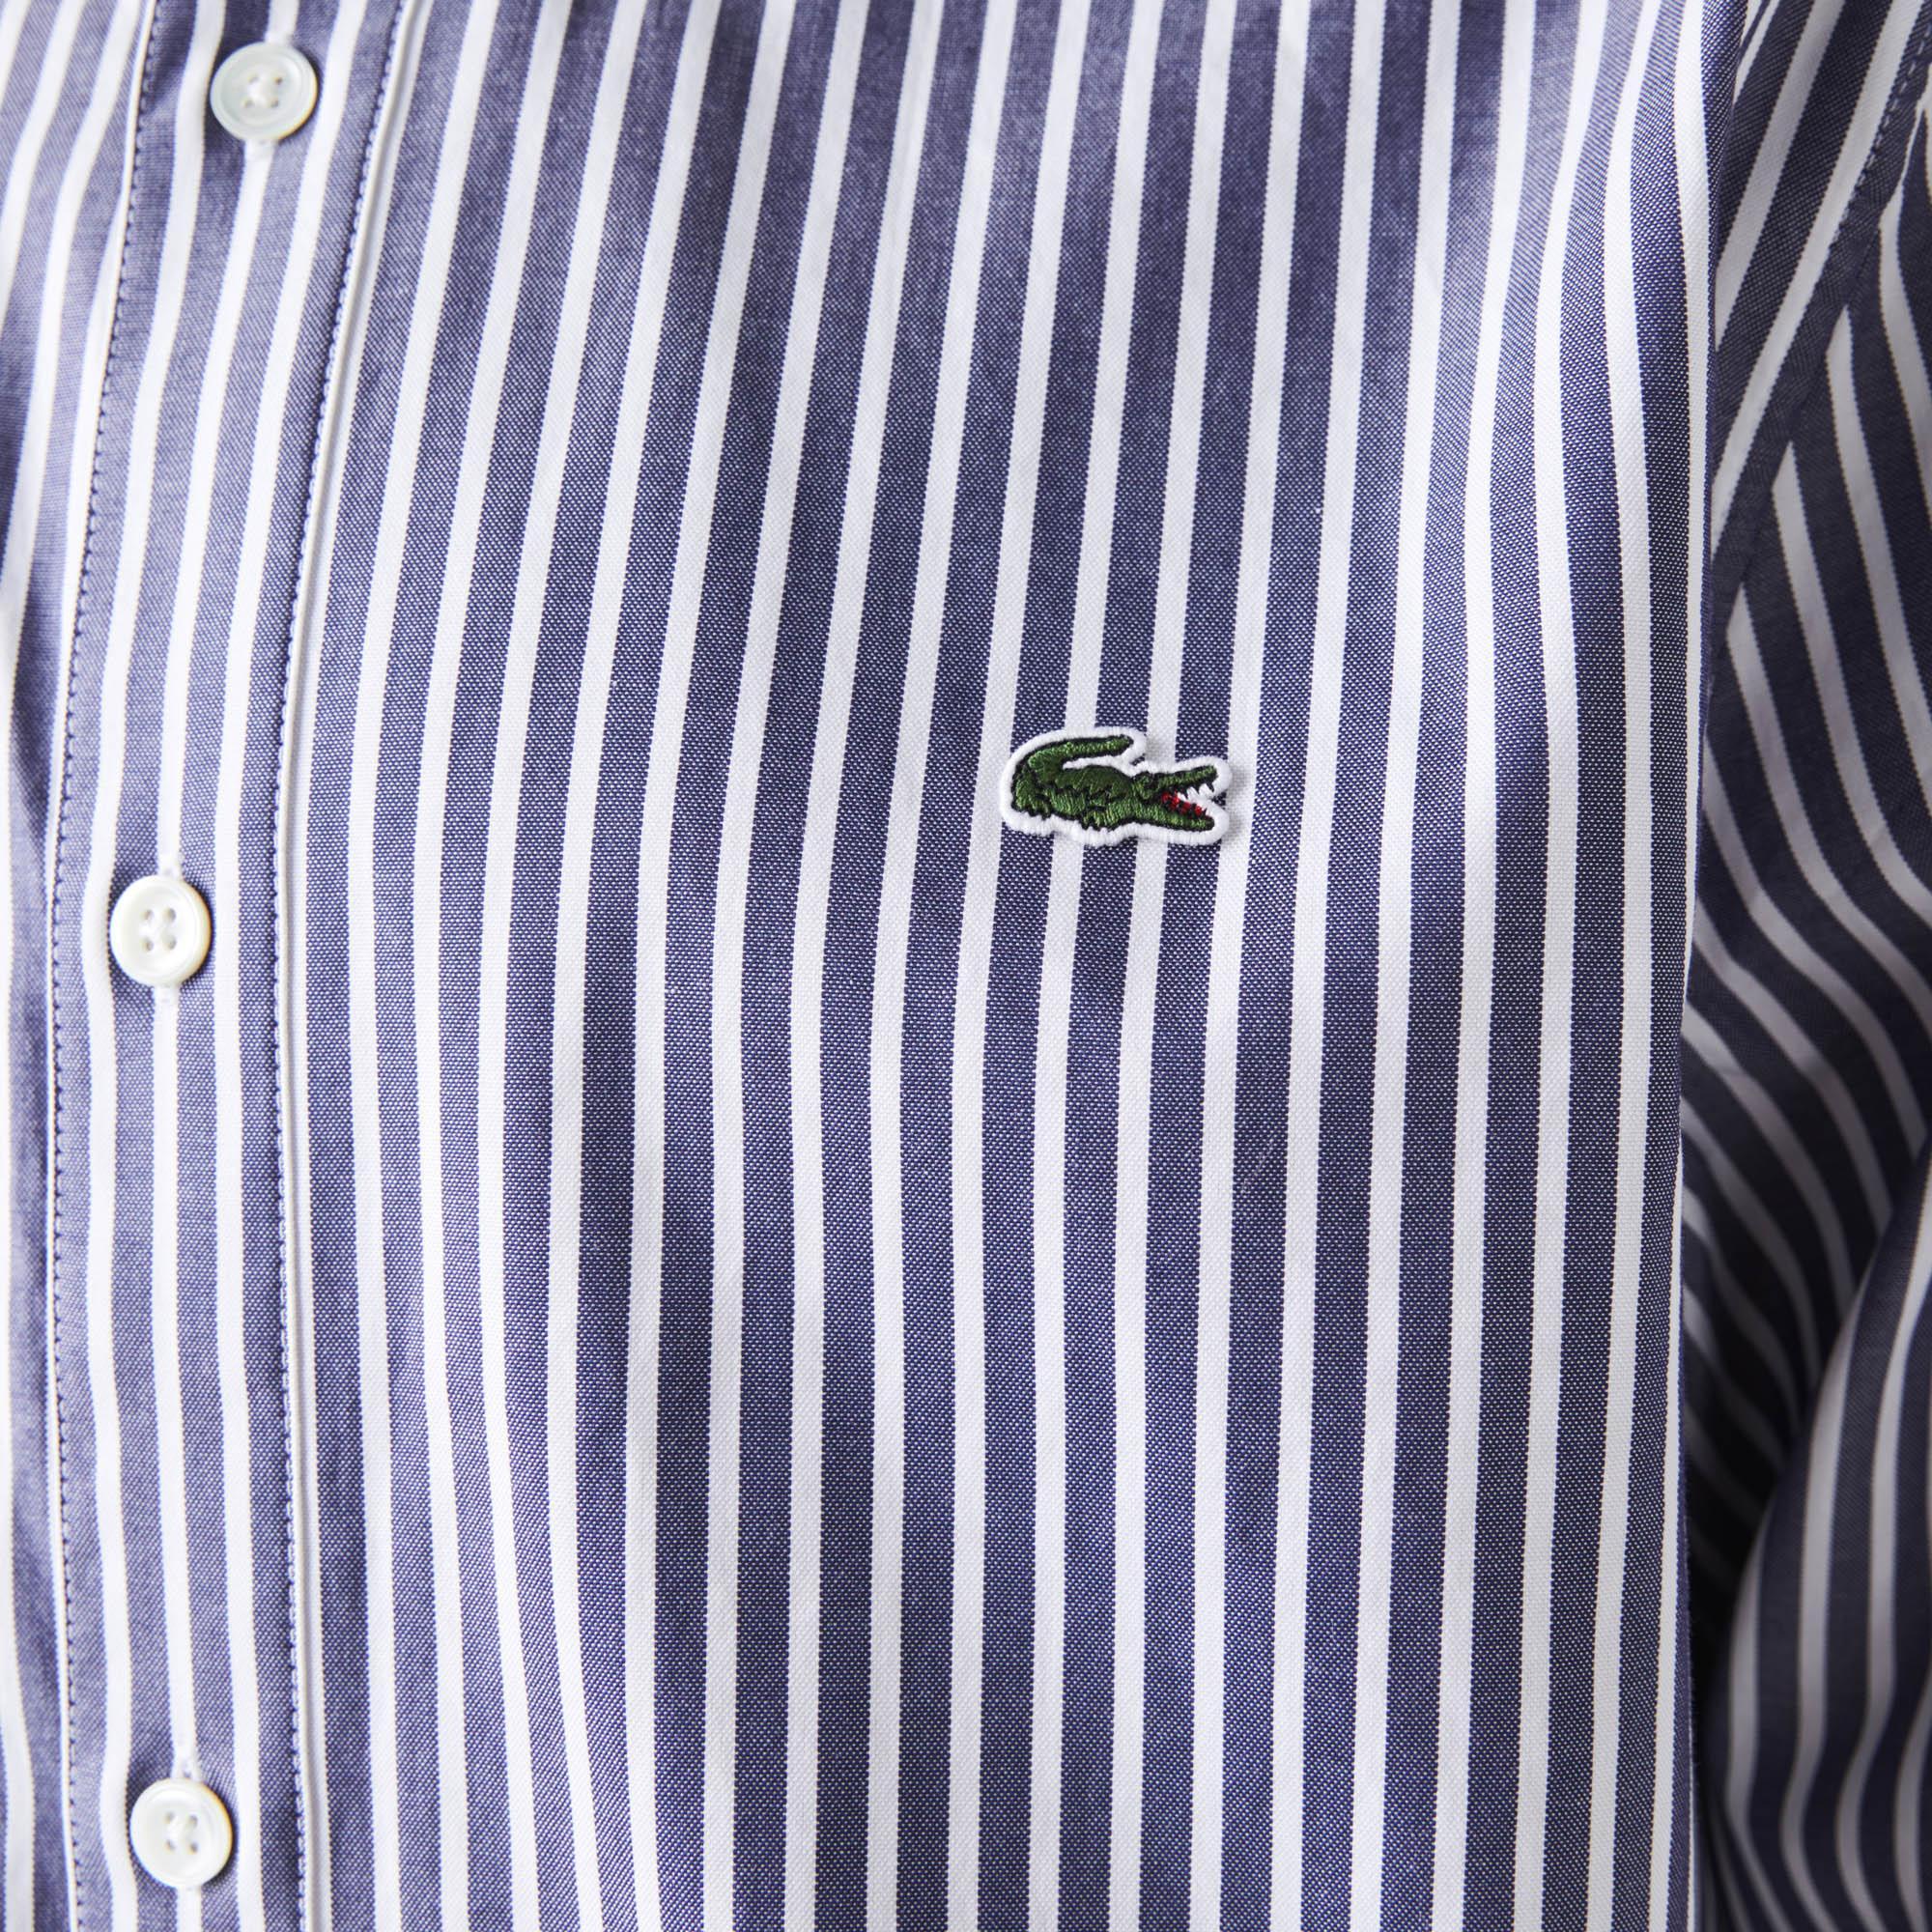 Lacoste Erkek Regular Fit Çizgili Beyaz - Lacivert Gömlek